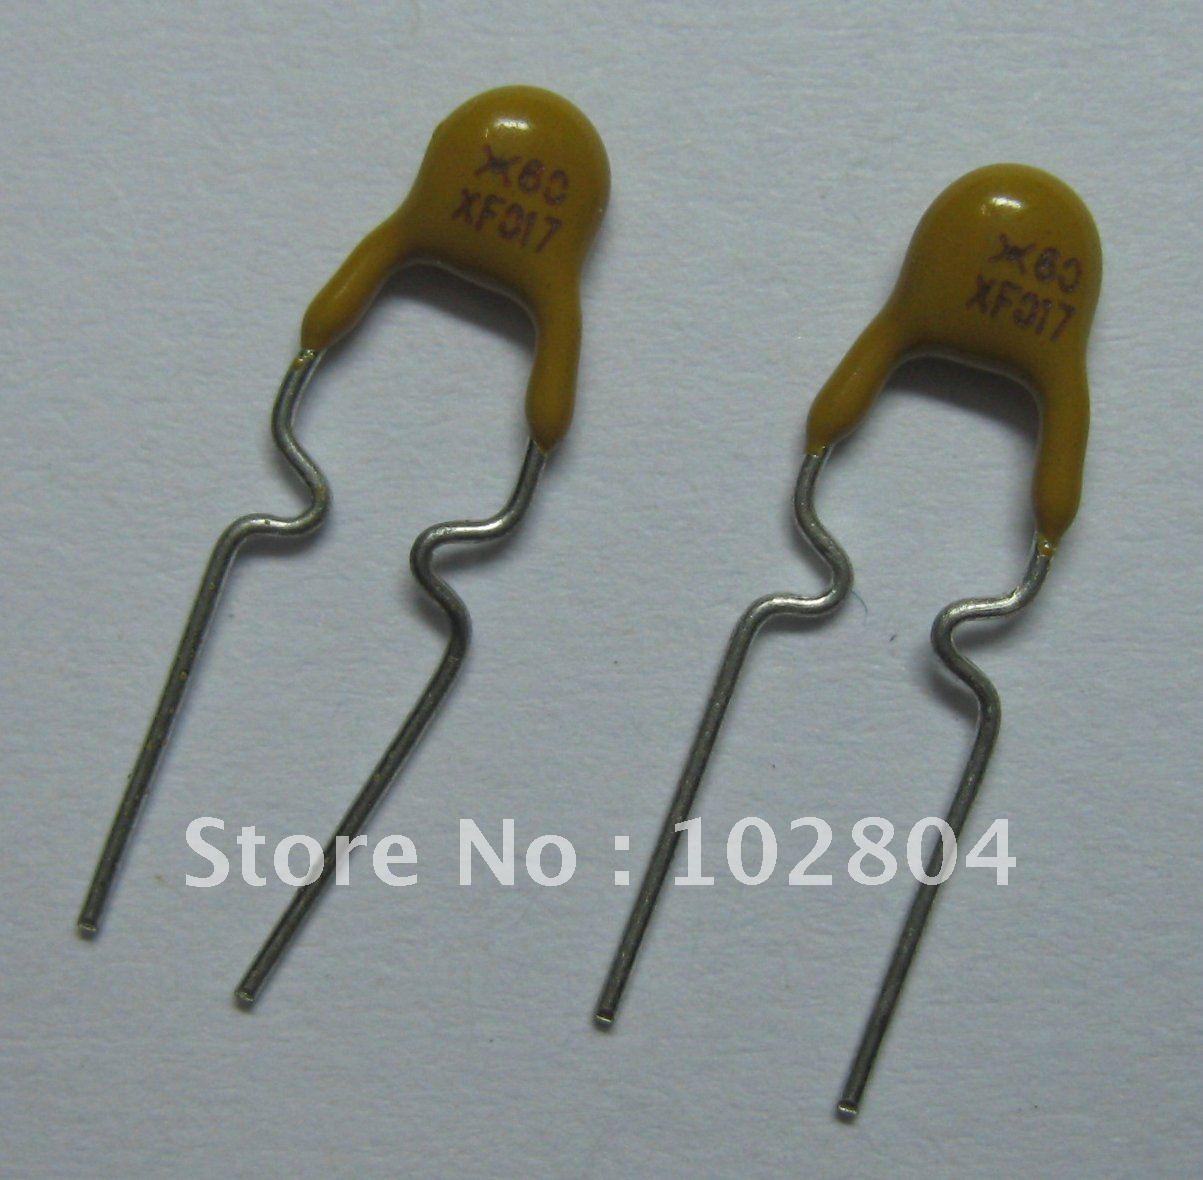 1000 шт. в партии 60 в 0.17A XF017 полипереключатель радиальный этилированный PPTC сбрасываемый предохранитель